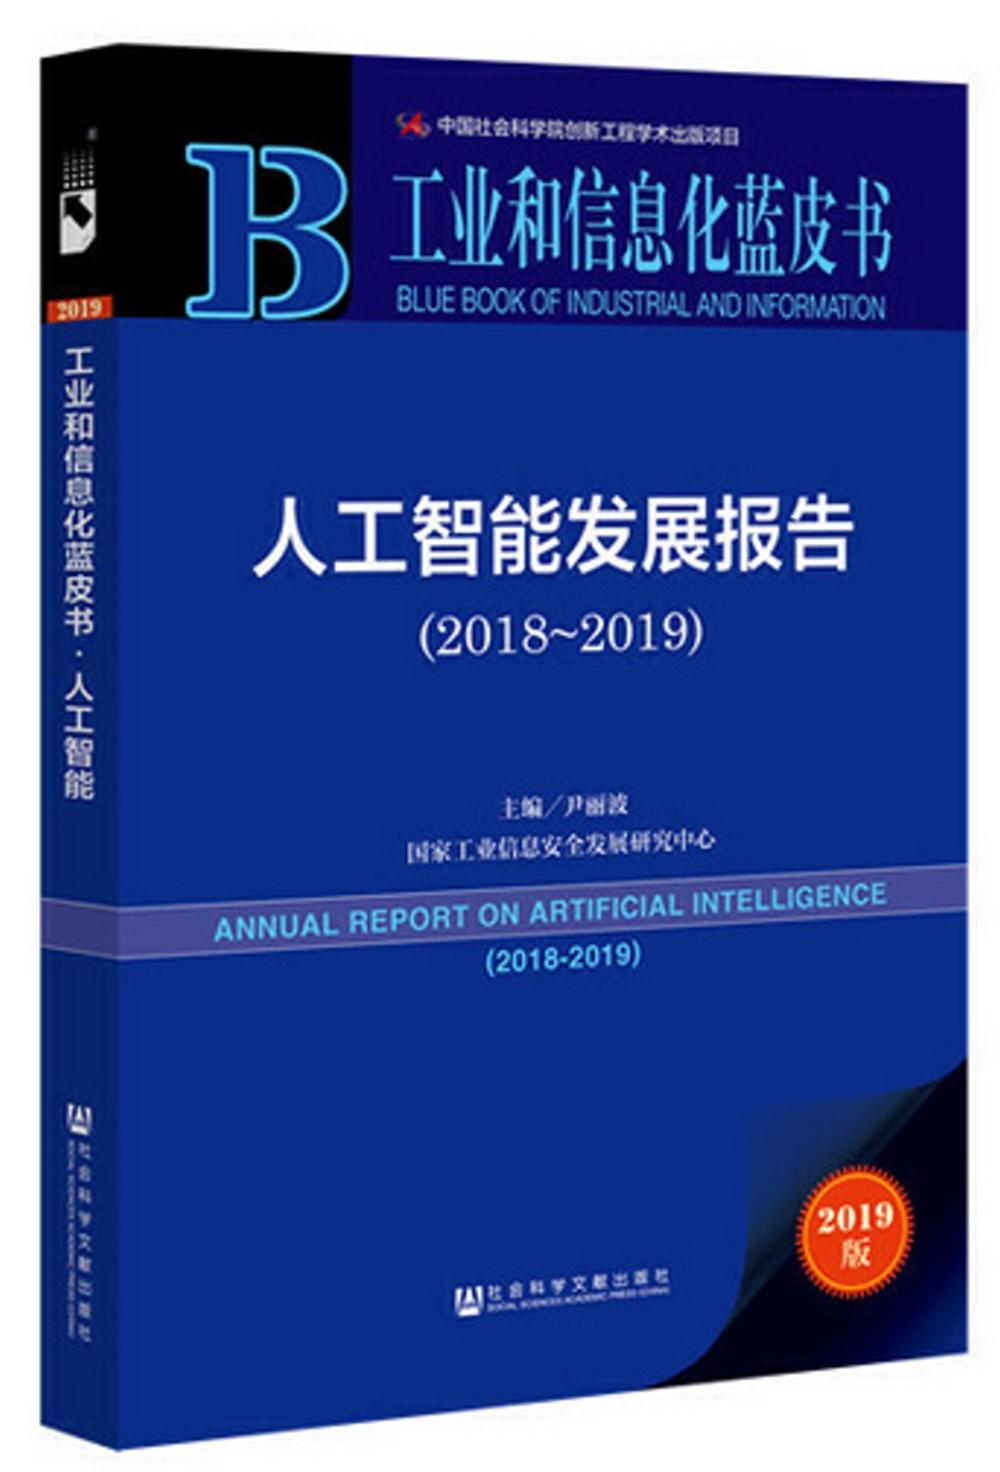 人工智慧發展報告(2018-2019)